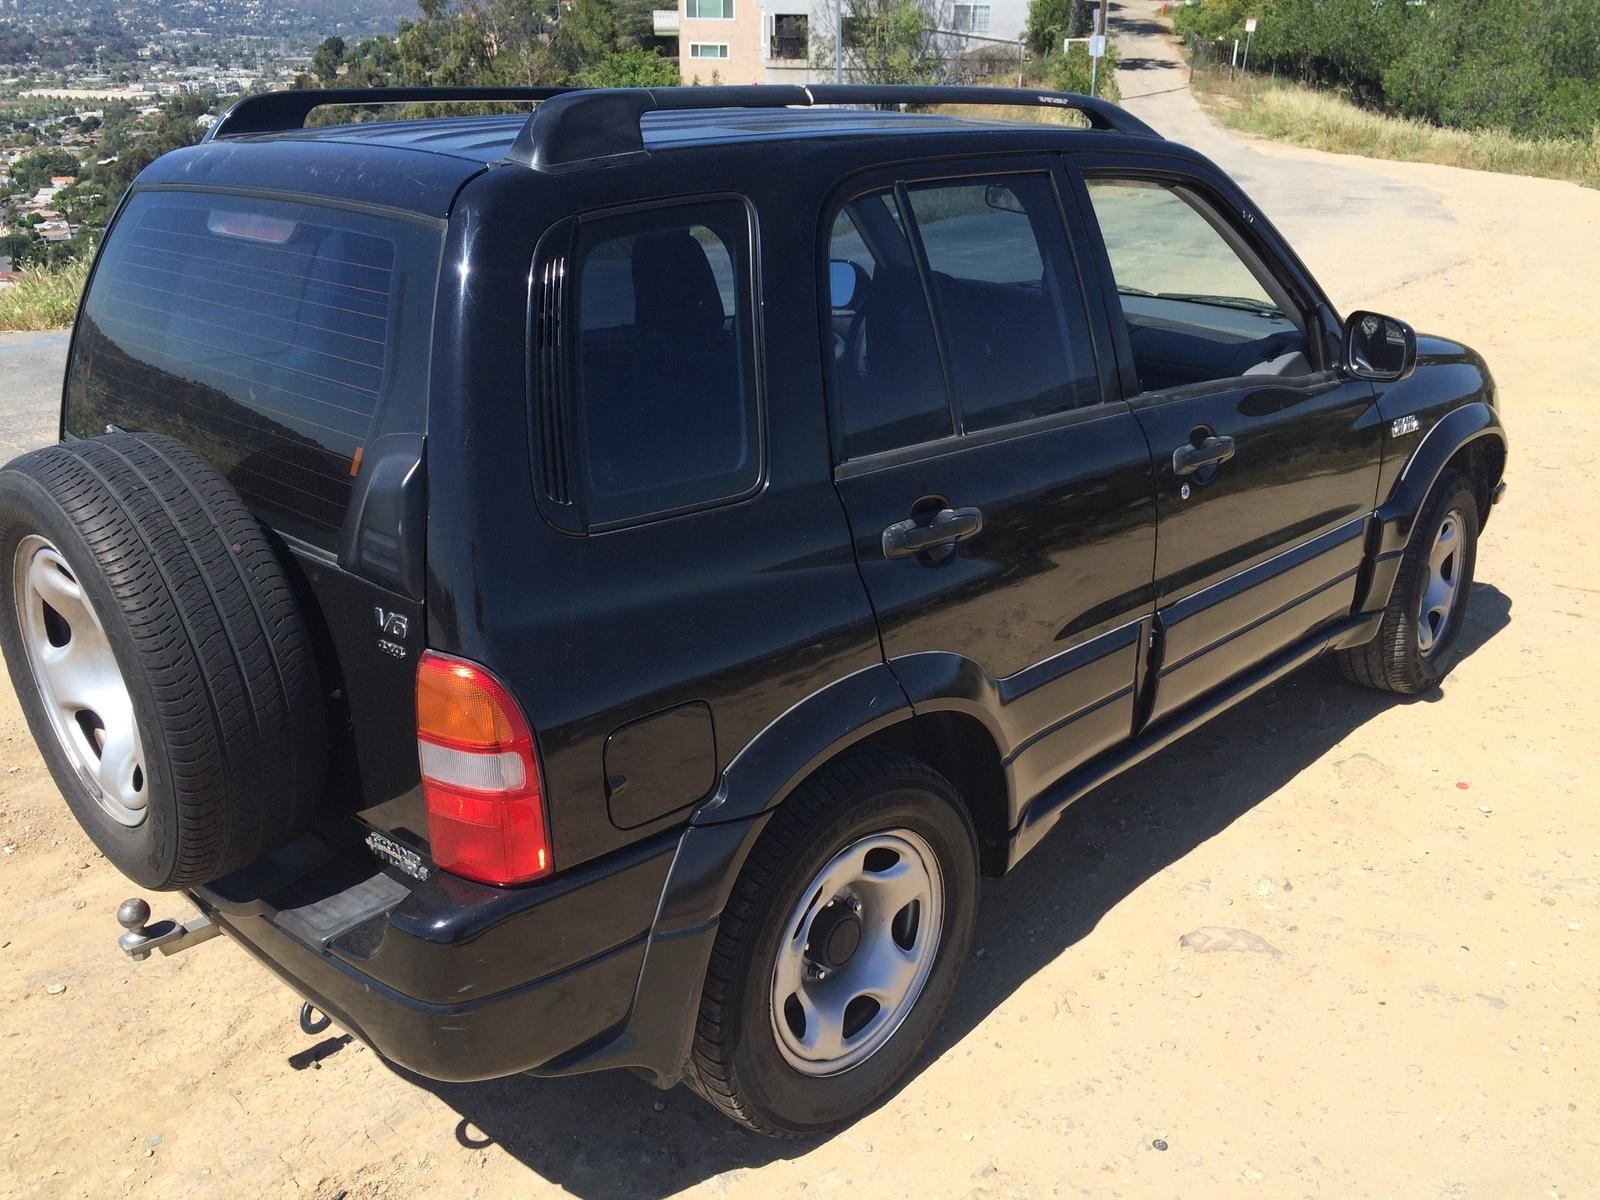 2004 suzuki xl 7 reviews - Picture Of 2001 Suzuki Grand Vitara Jls Plus Se 4wd Exterior